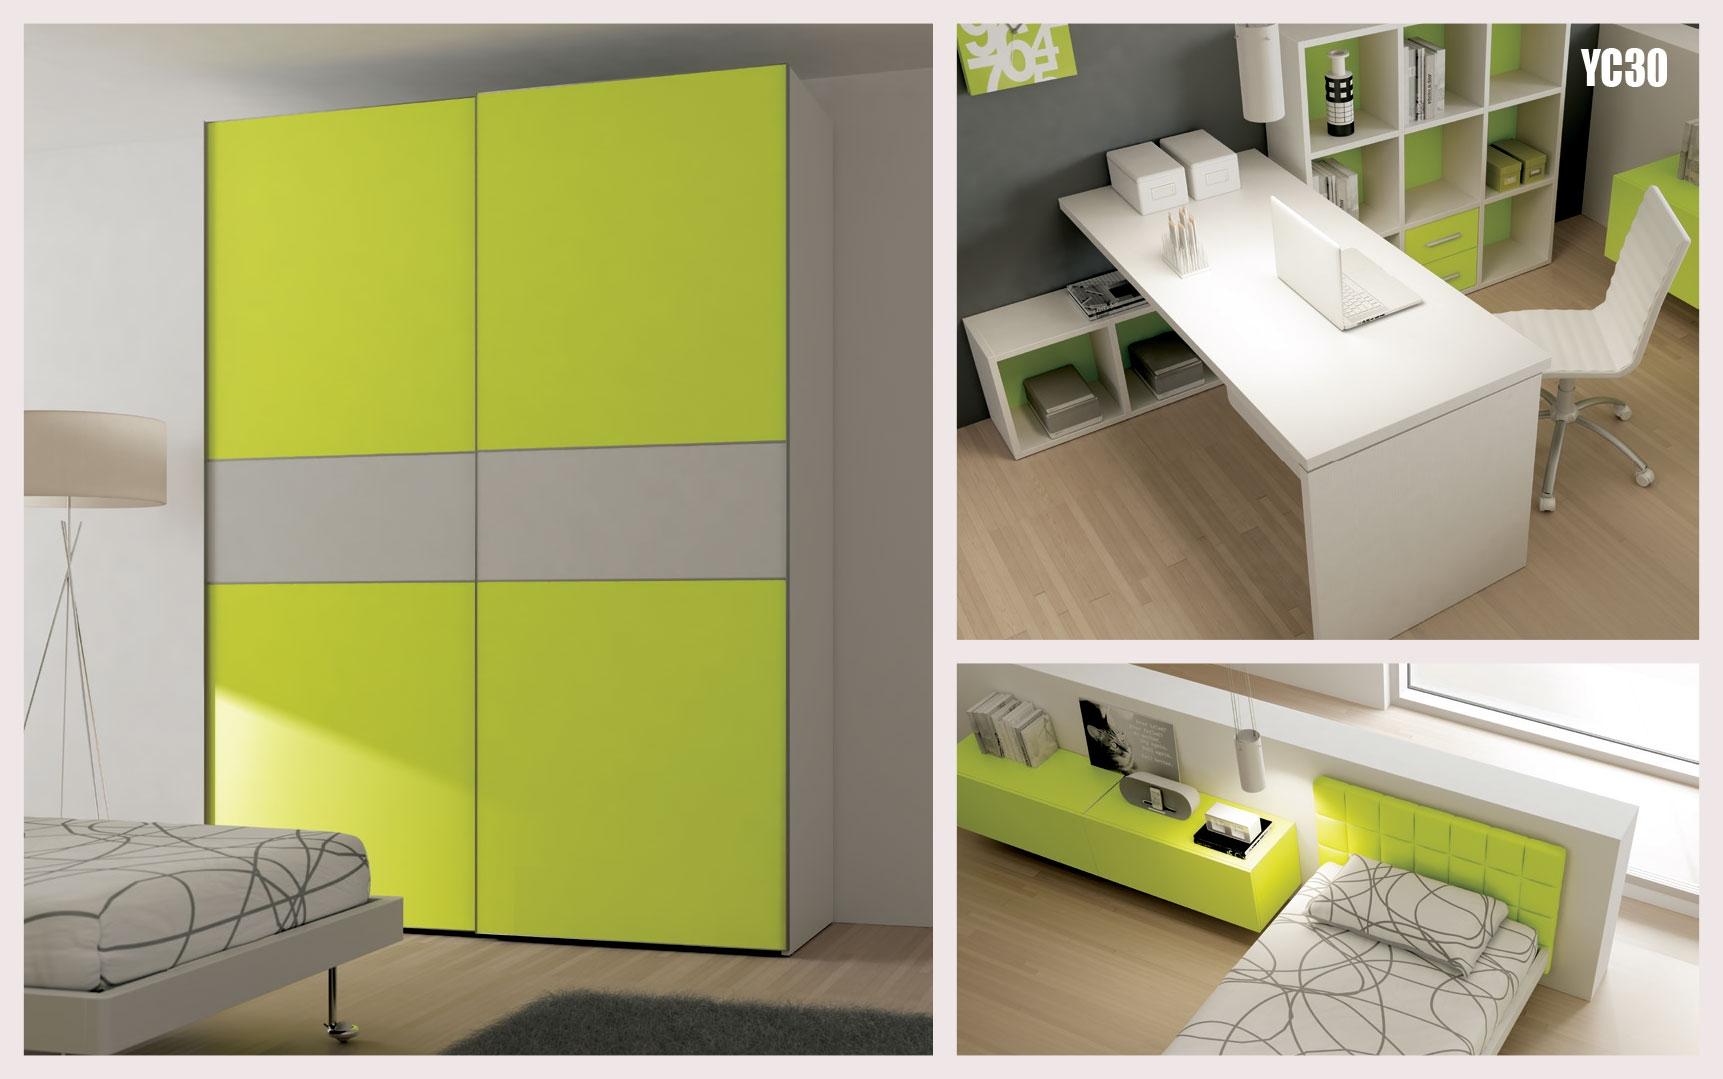 chambre ado avec lit 1 personne pur et fun moretti compact so nuit. Black Bedroom Furniture Sets. Home Design Ideas